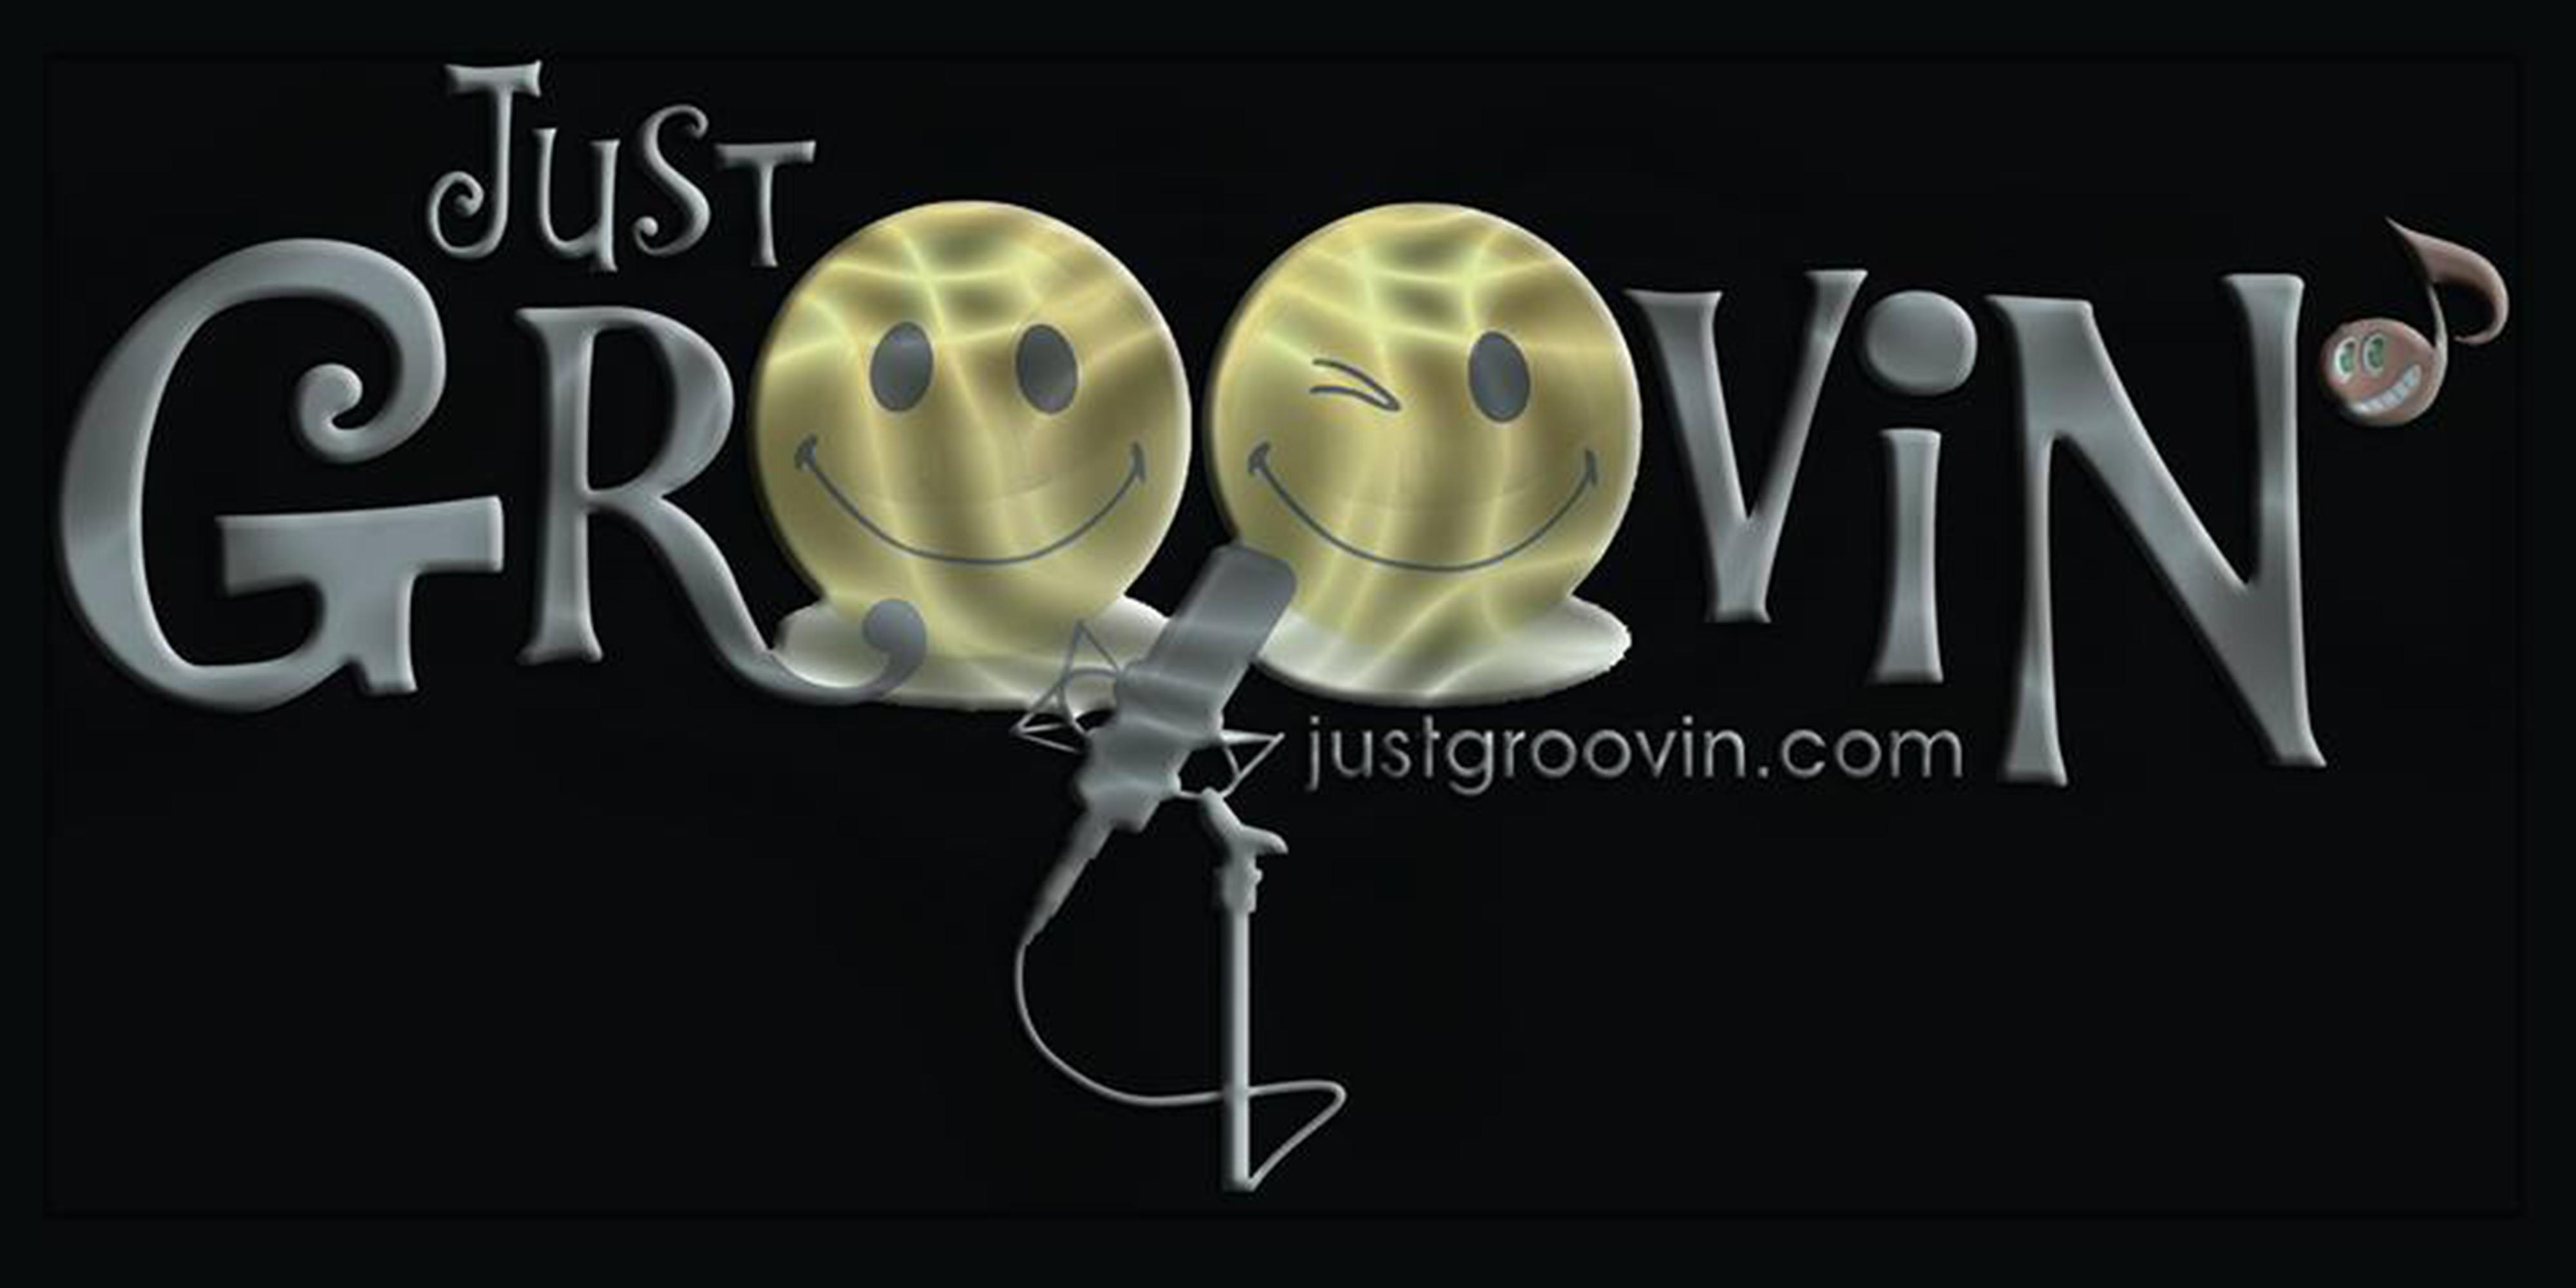 Just Groovin'